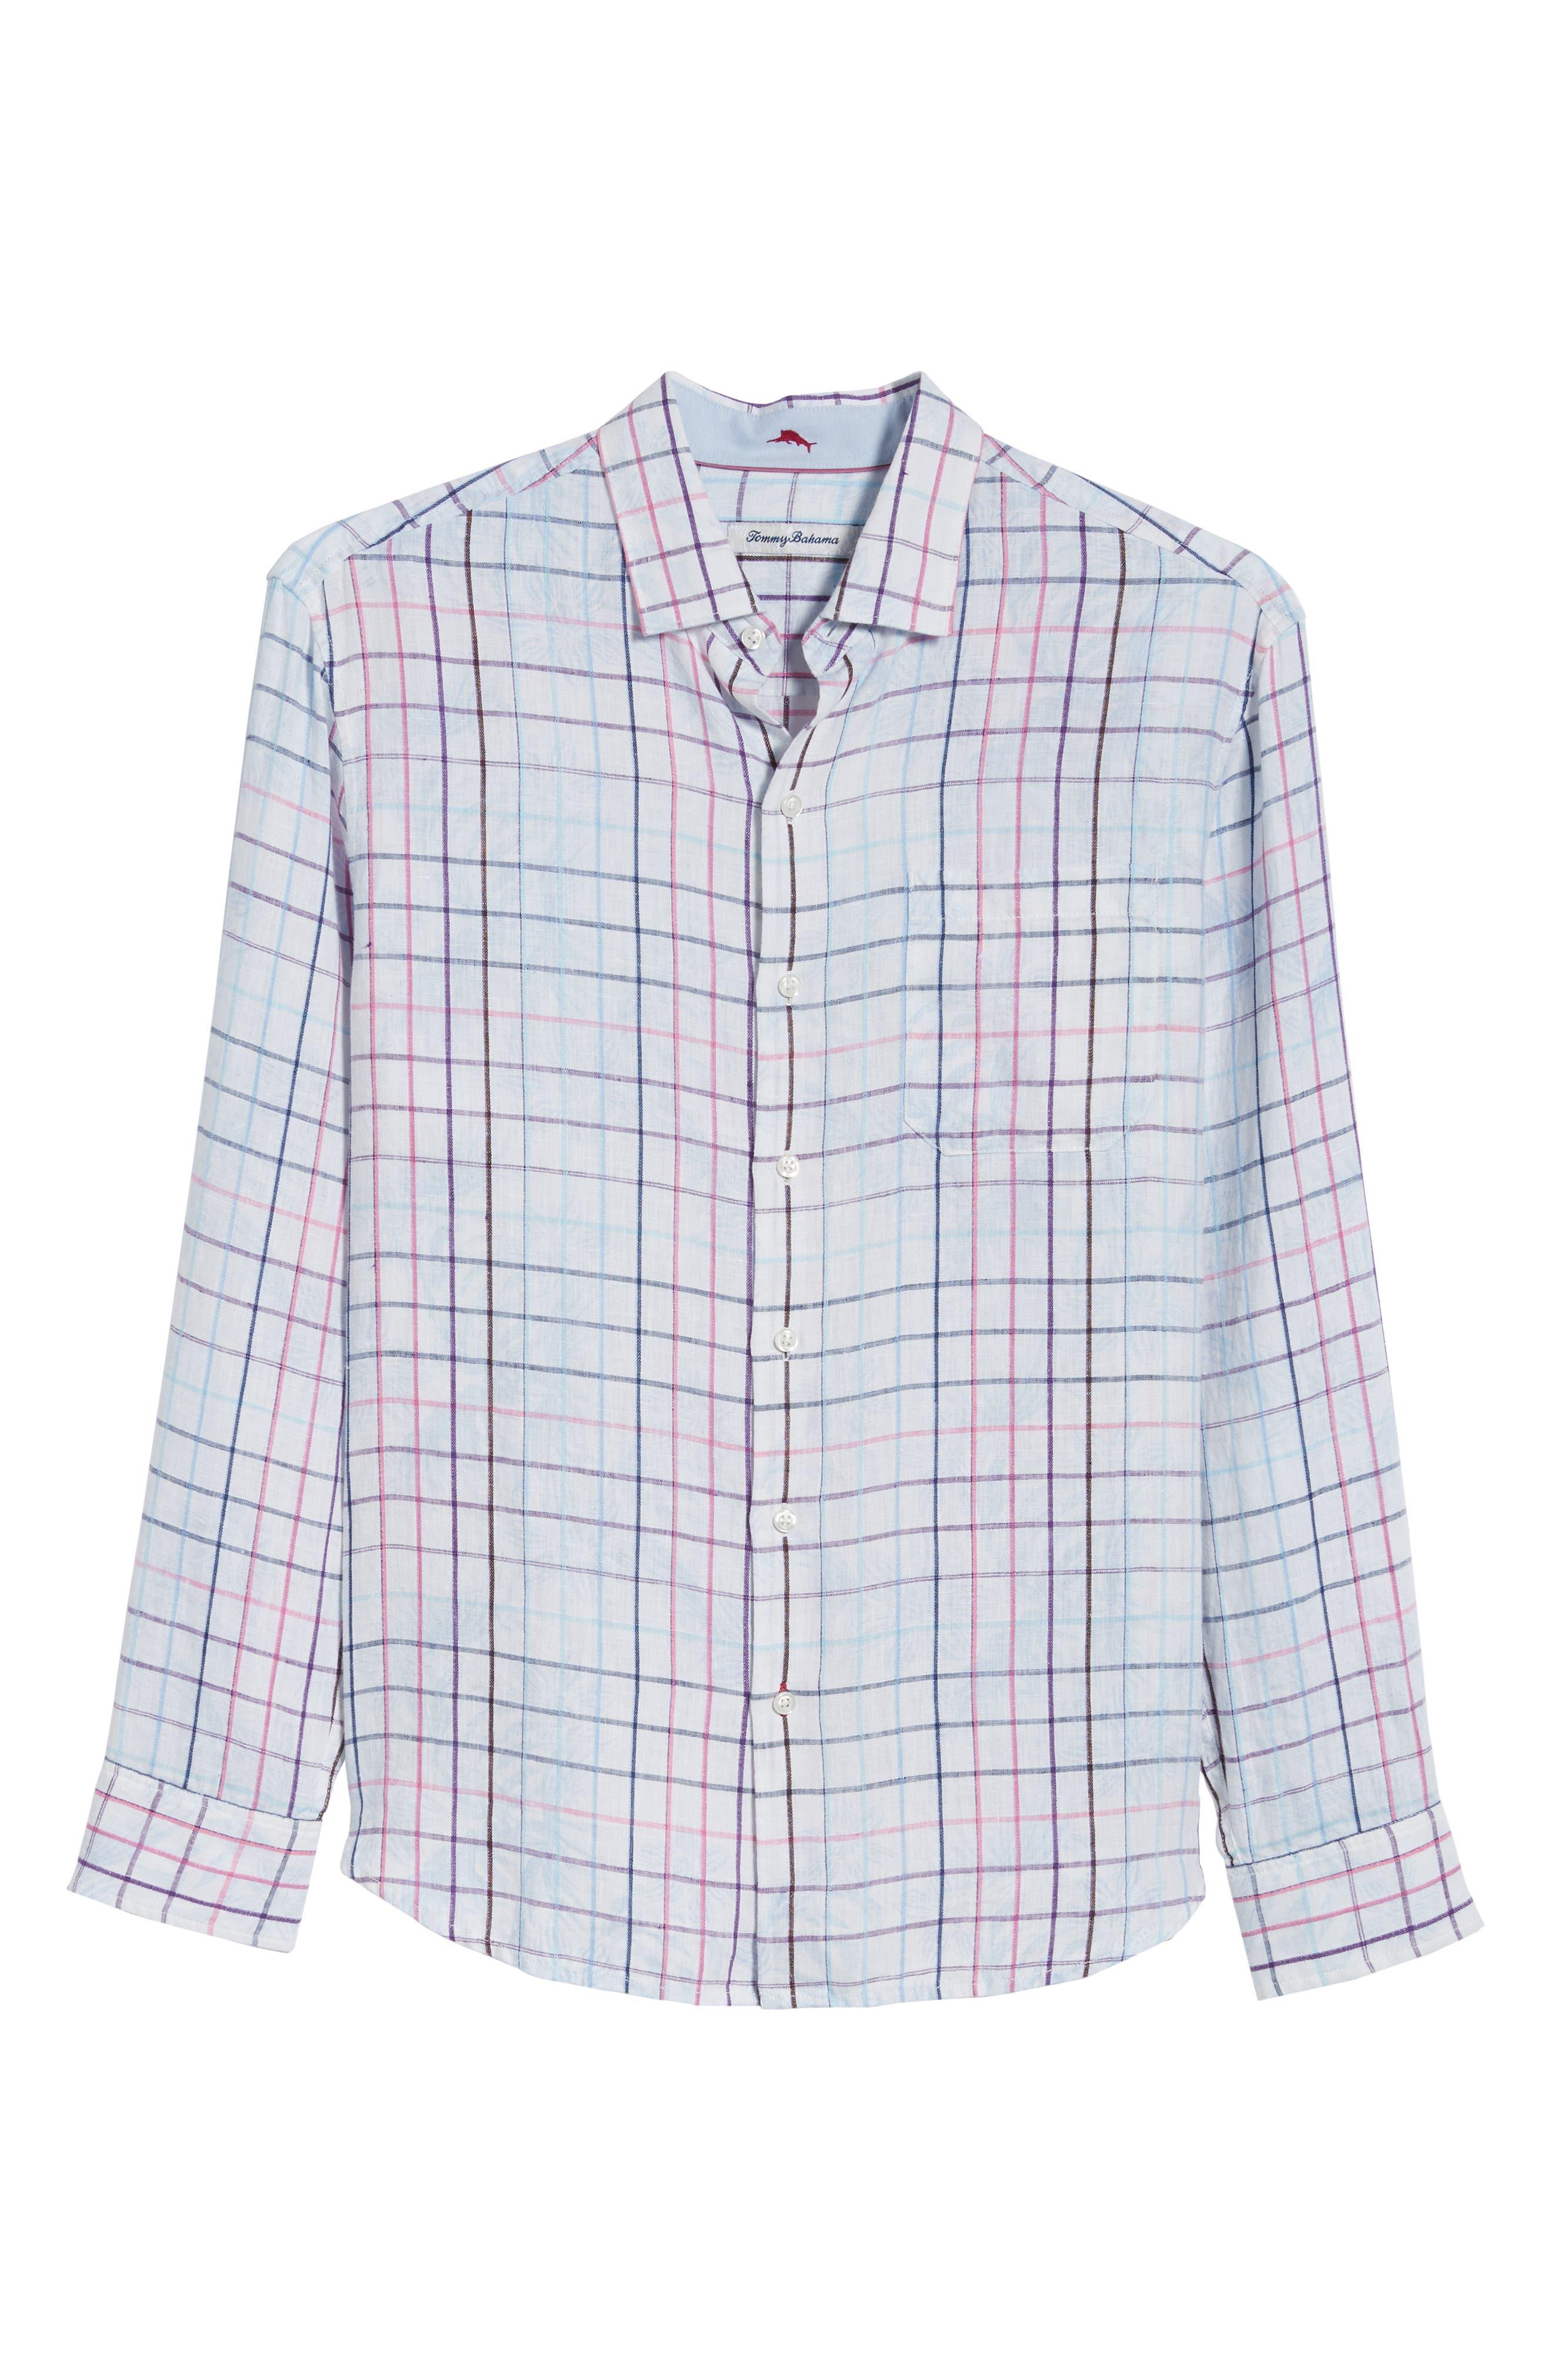 Tulum Terrace Check Linen Sport Shirt,                             Alternate thumbnail 6, color,                             BOWTIE BLUE